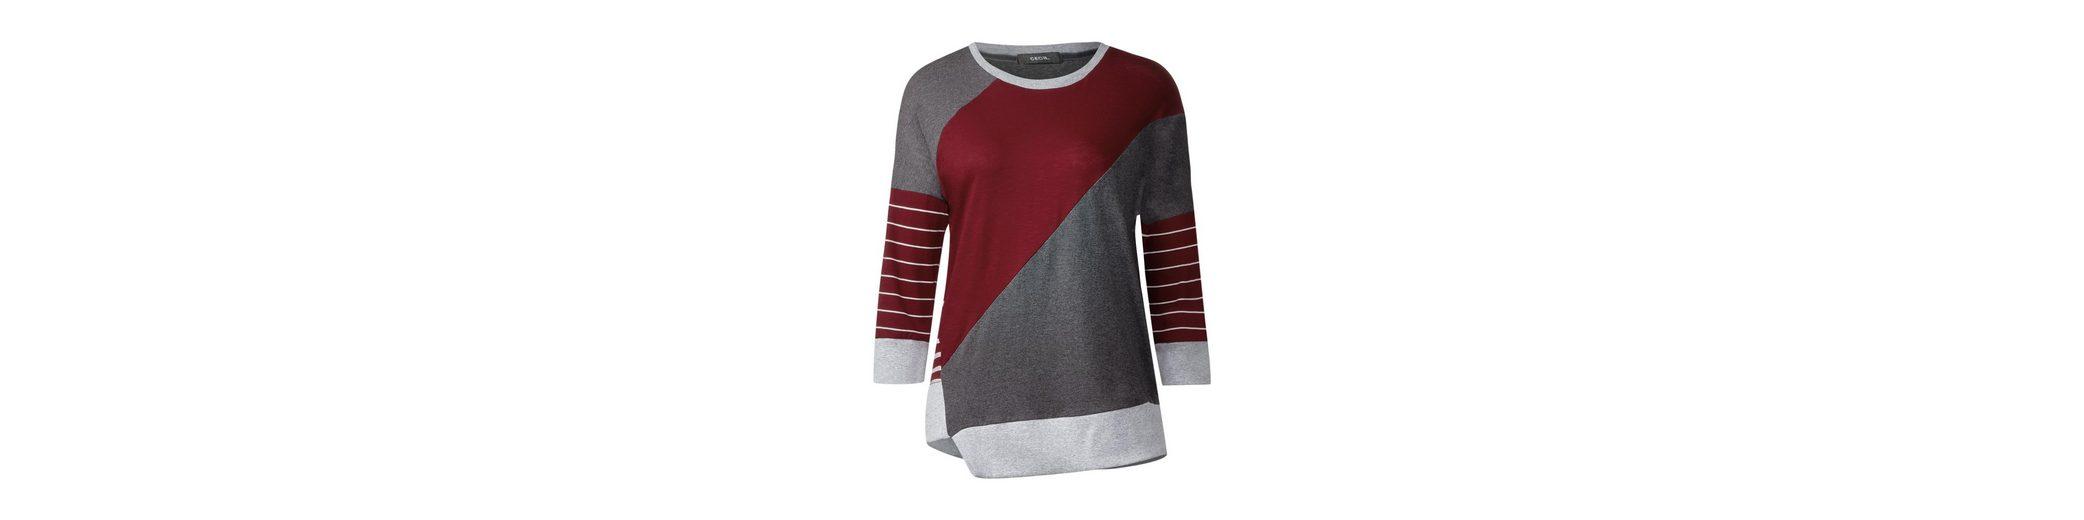 CECIL Smartes Patchwork Shirt Besuchen Online-Verkauf Neu sC2mb